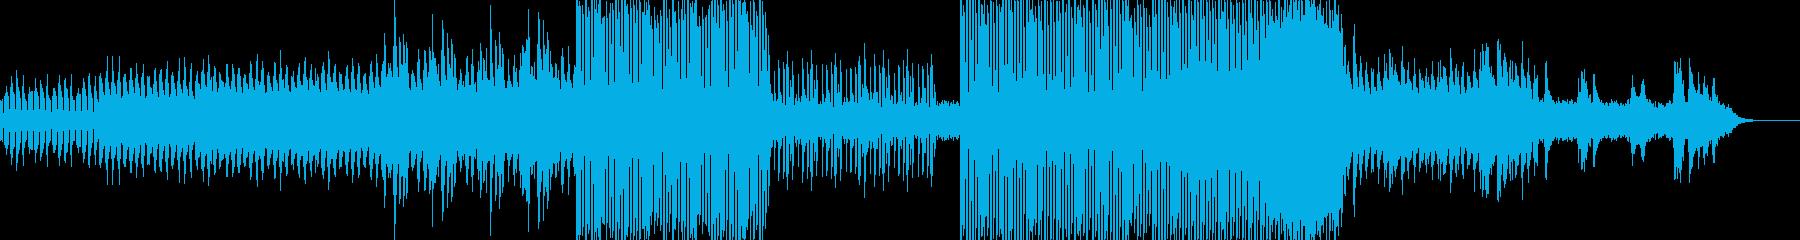 月夜をイメージしたグルーヴ感のある曲で…の再生済みの波形